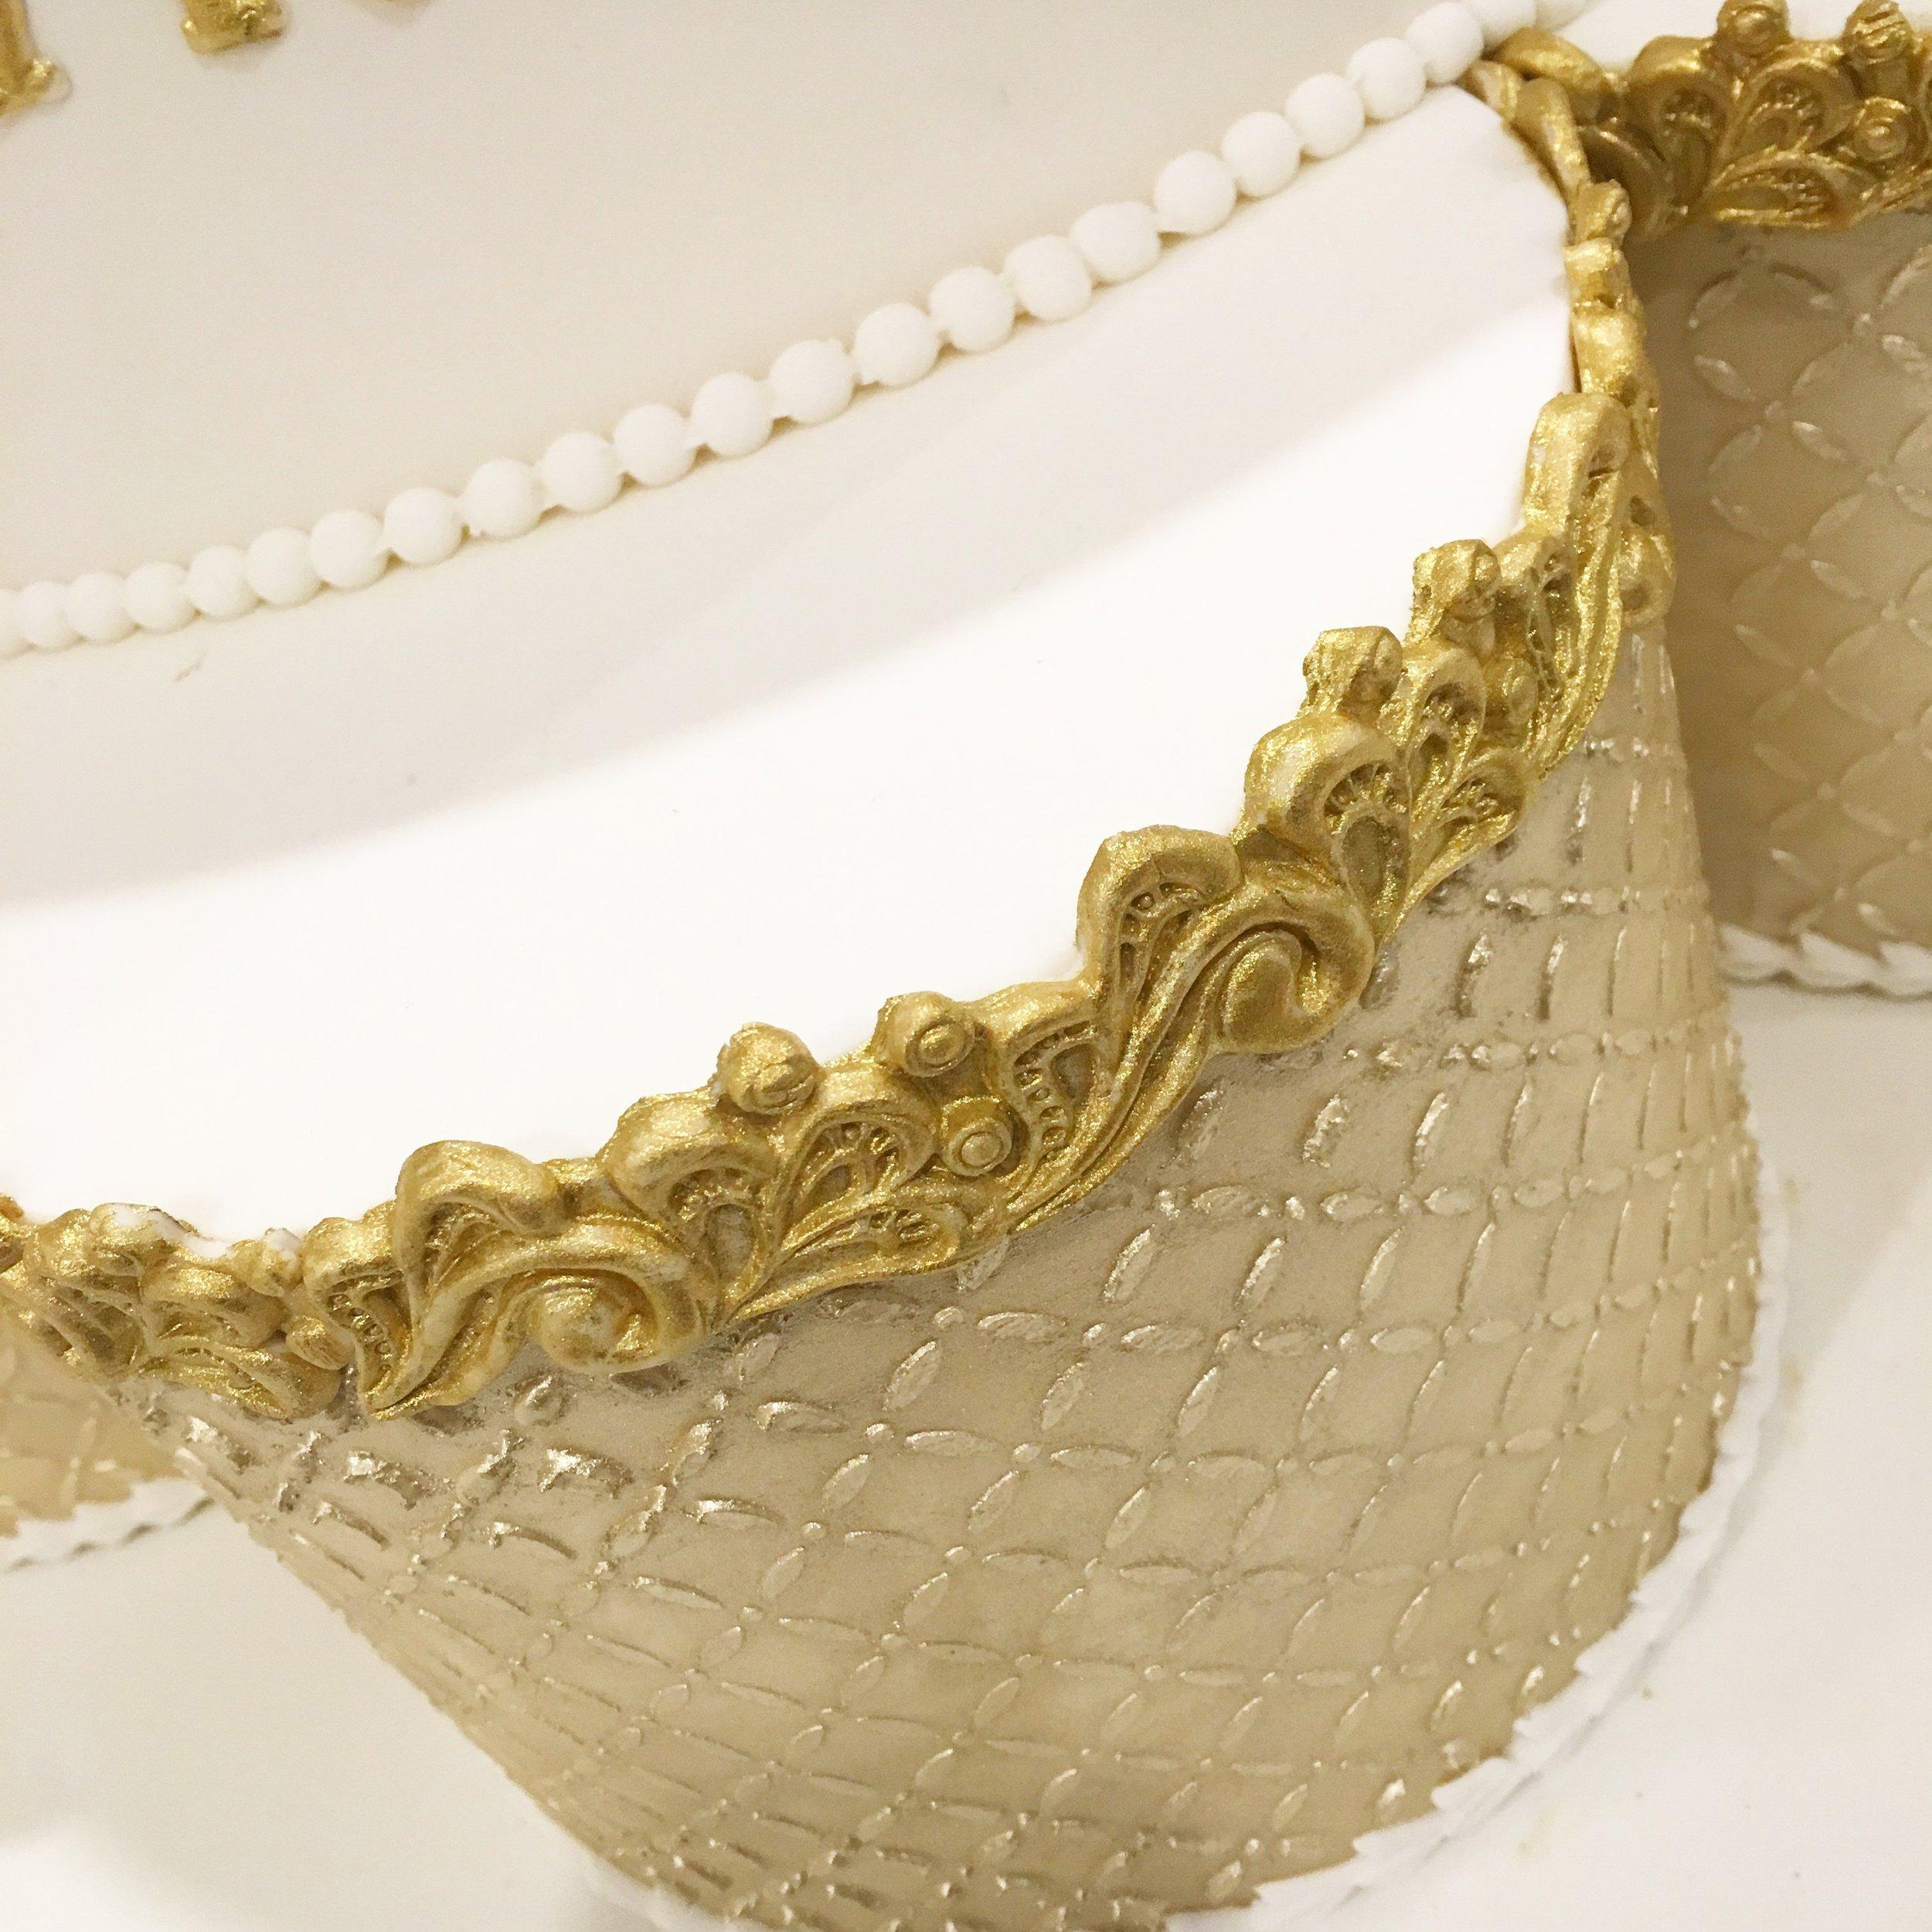 Gold moulded edging